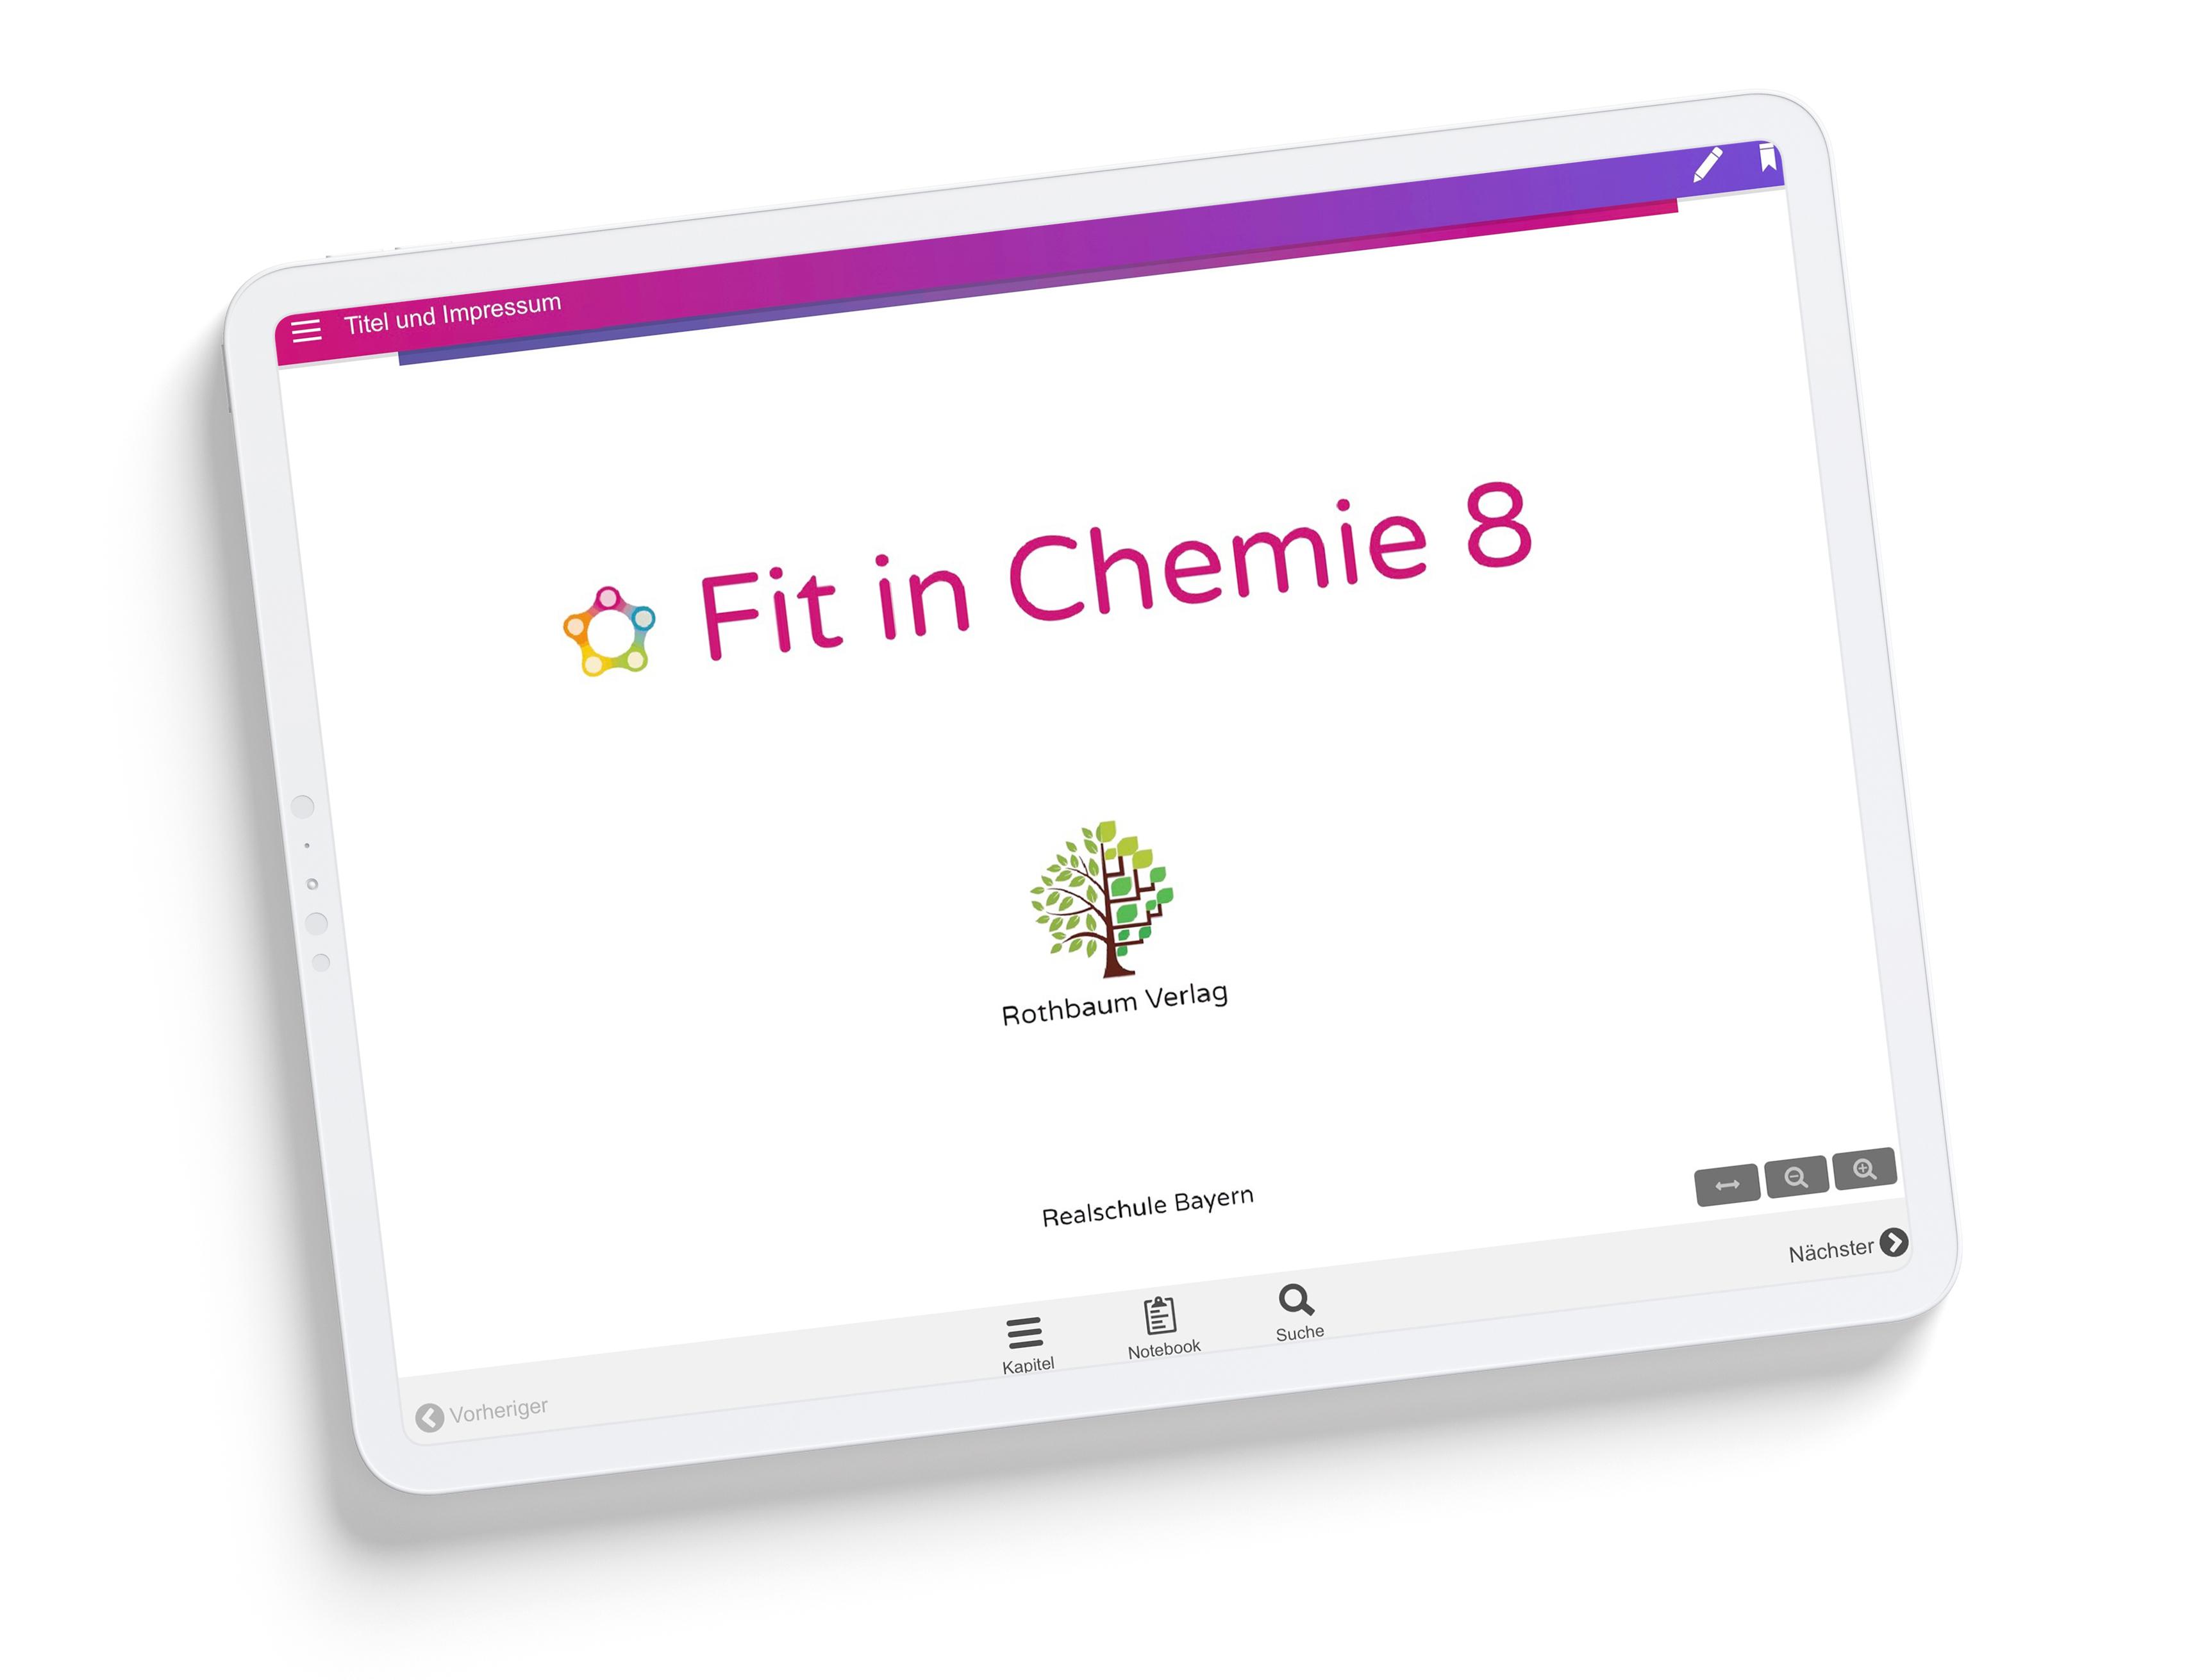 Fit in Chemie 8 [eBook - Einzellizenz]